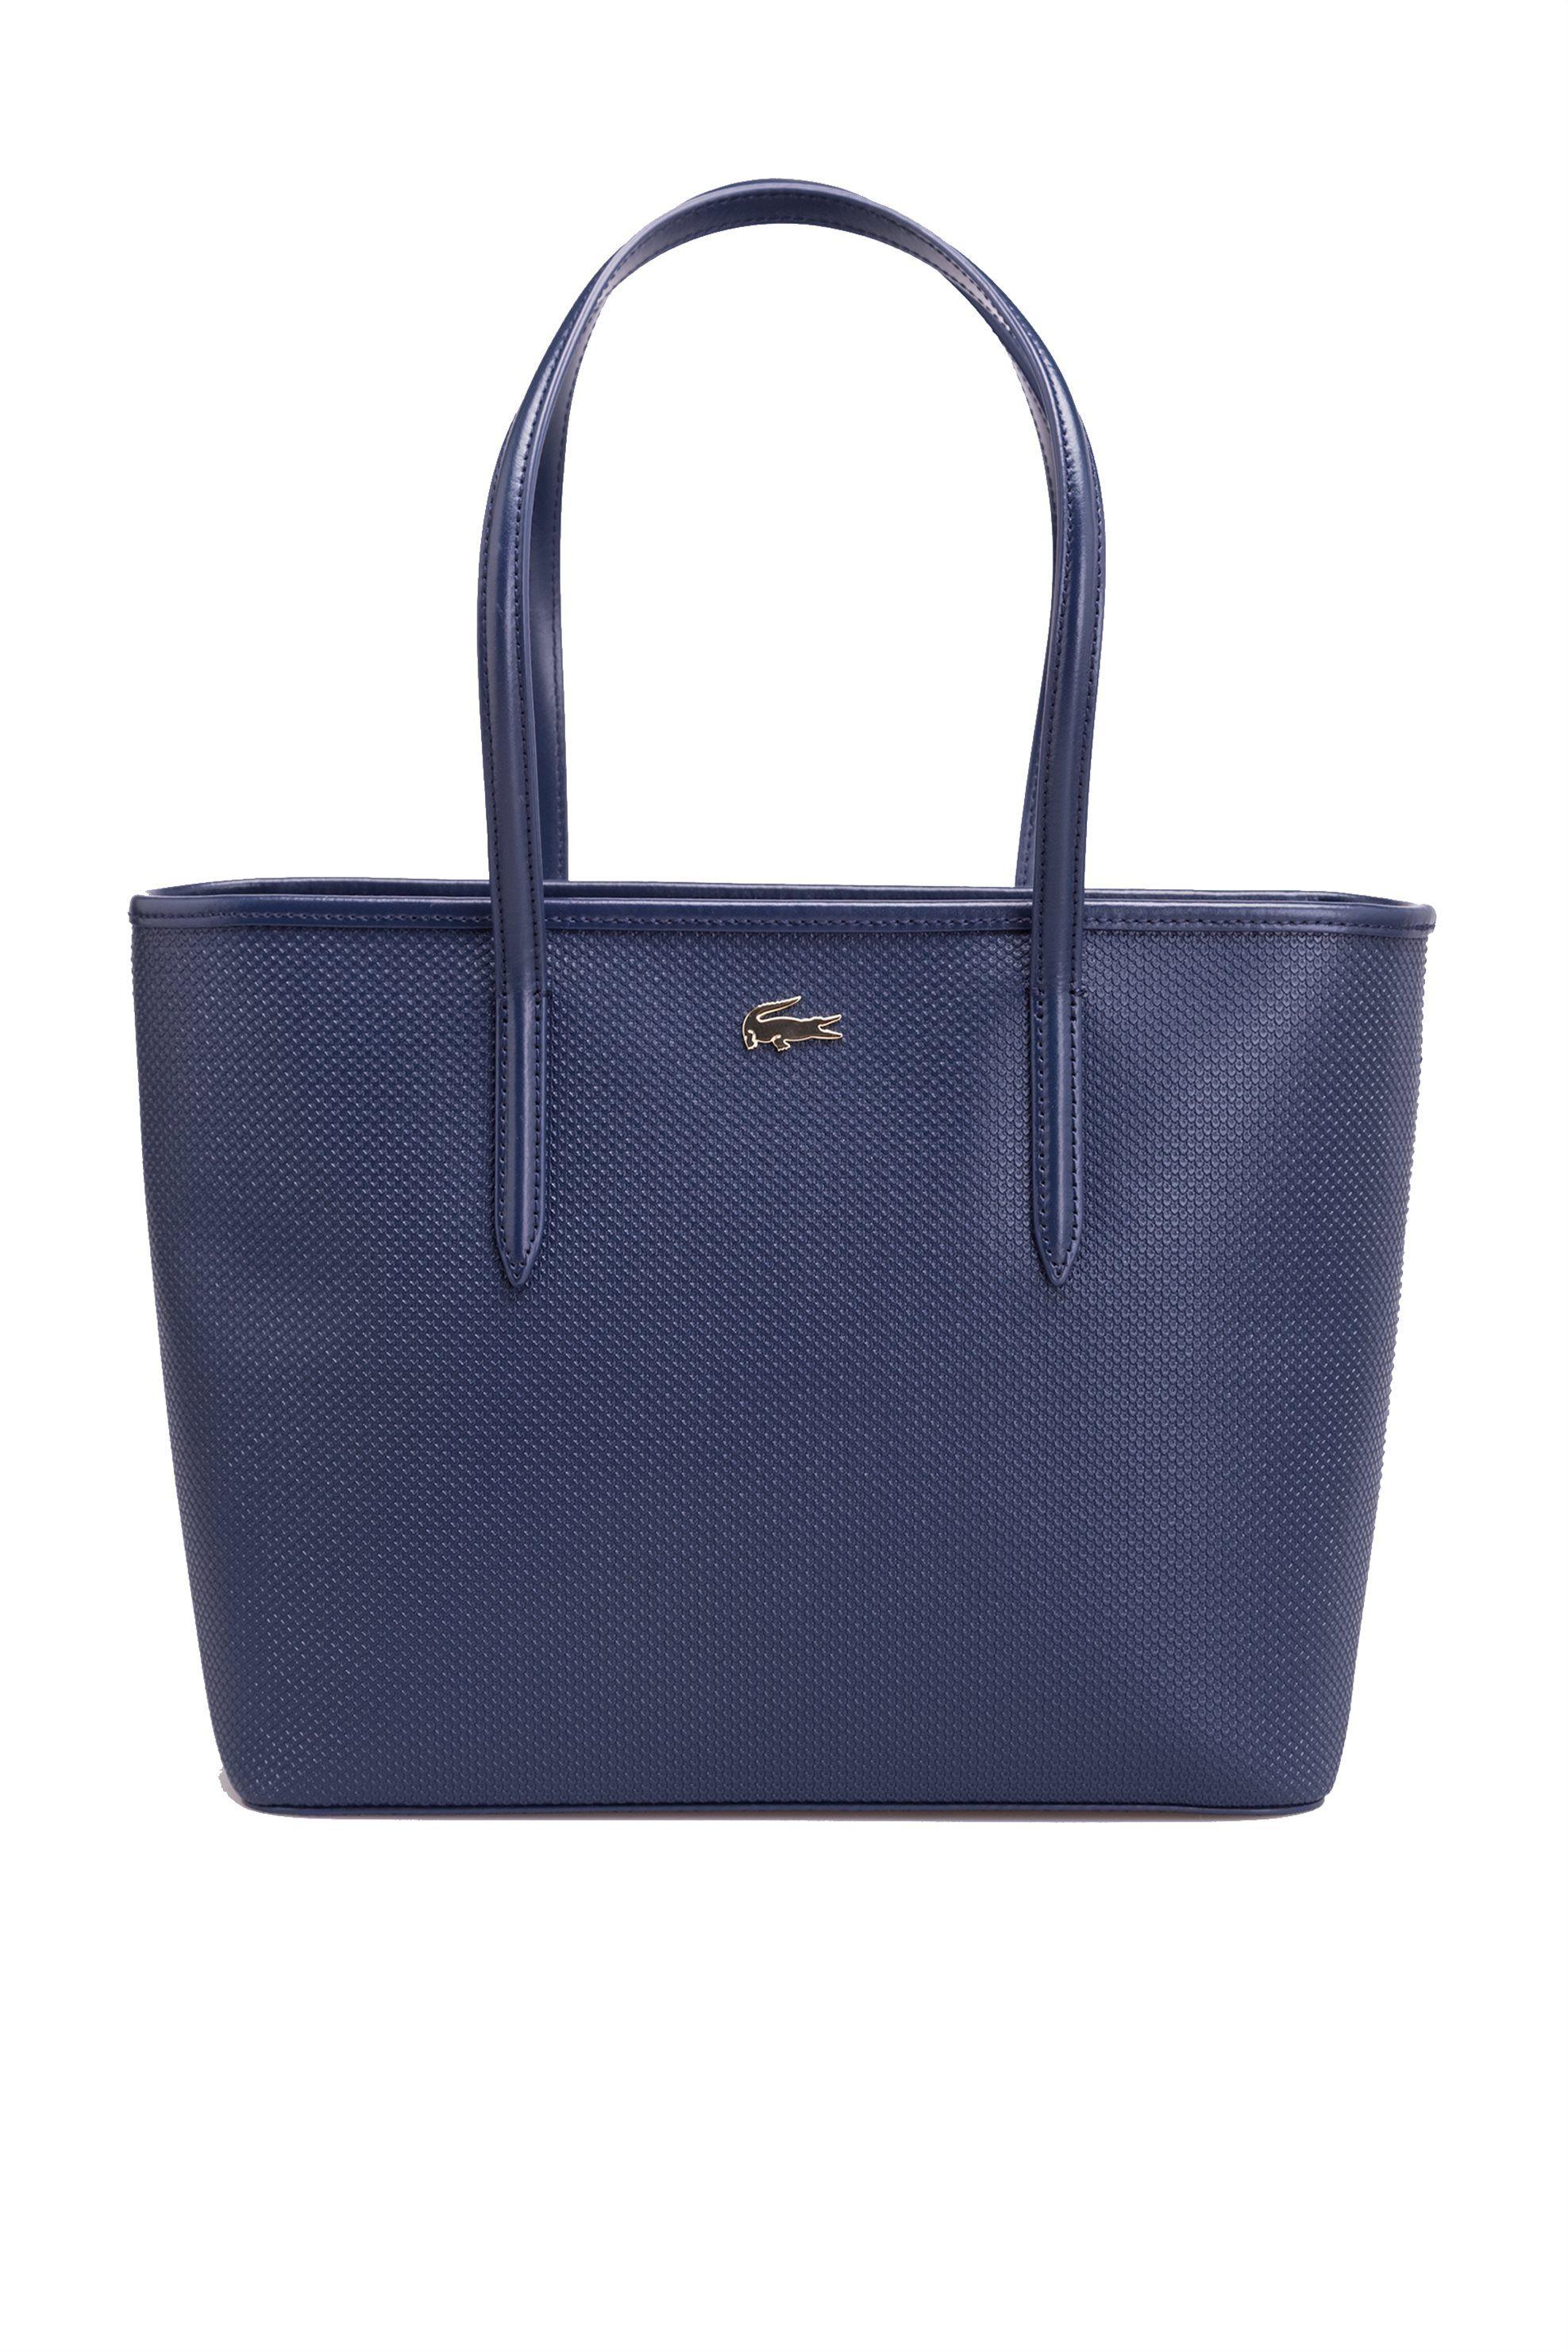 Γυναικεία τσάντα Lacoste - NF2116CE - Μπλε Σκούρο - Dress.gr ... 66ed46a3382